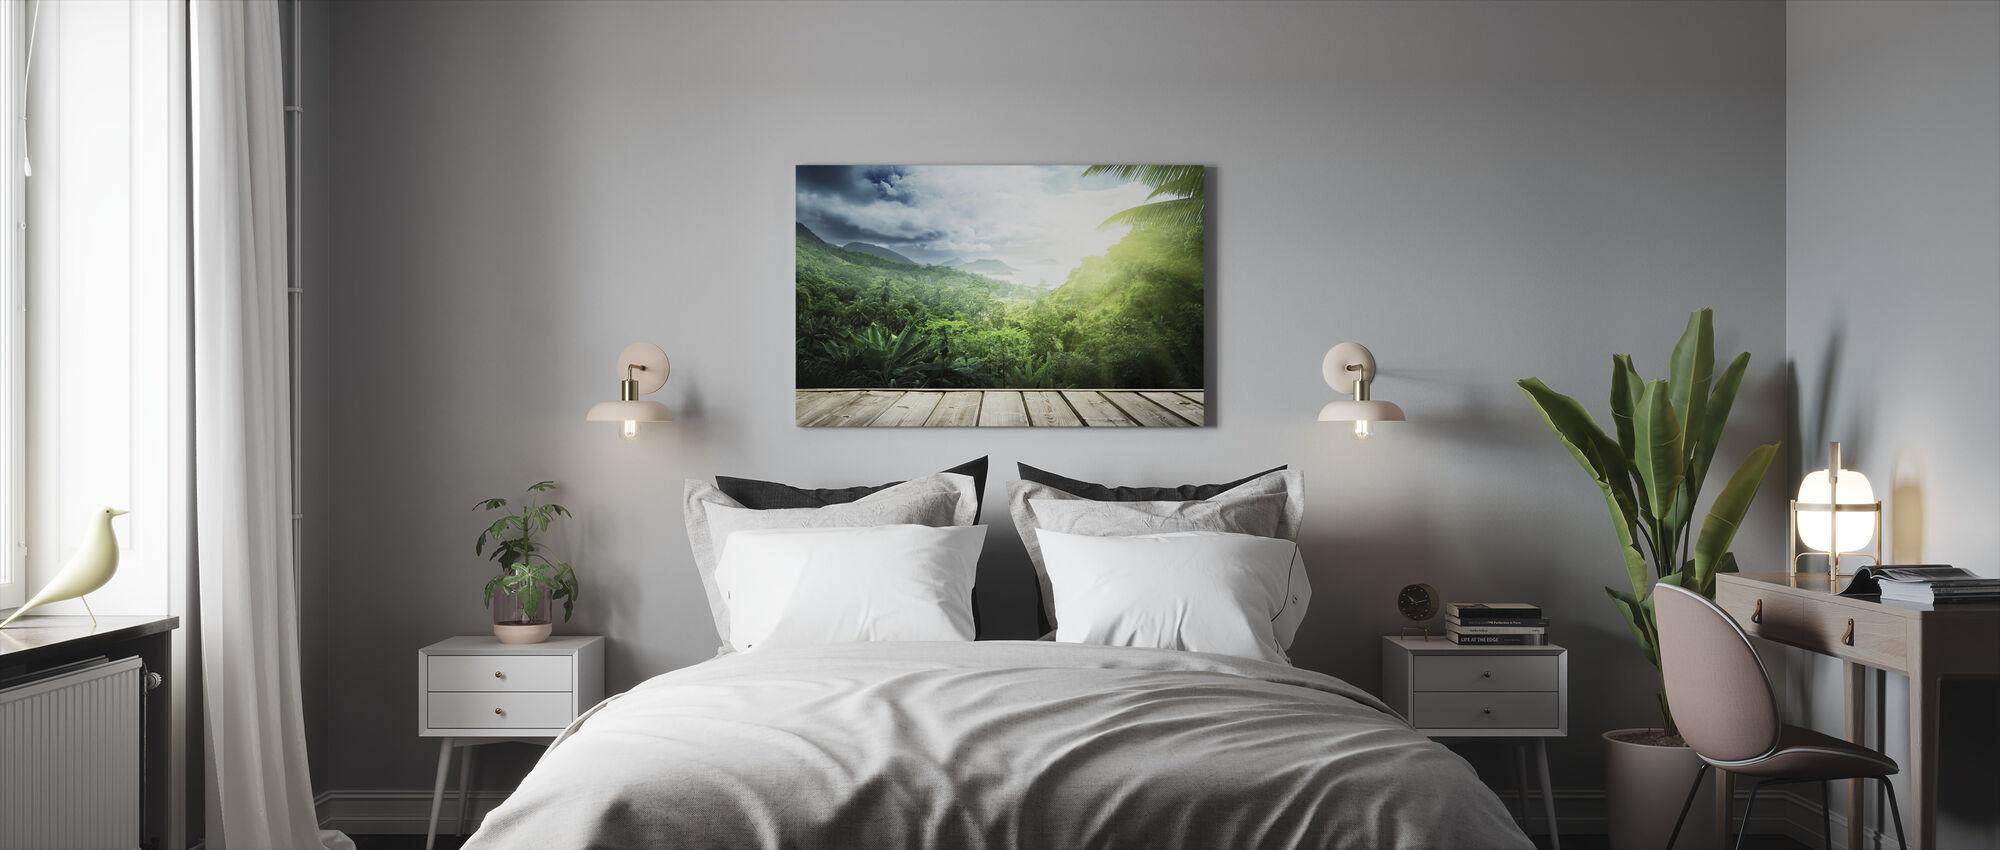 Porche Tropical - Impression sur toile - Chambre